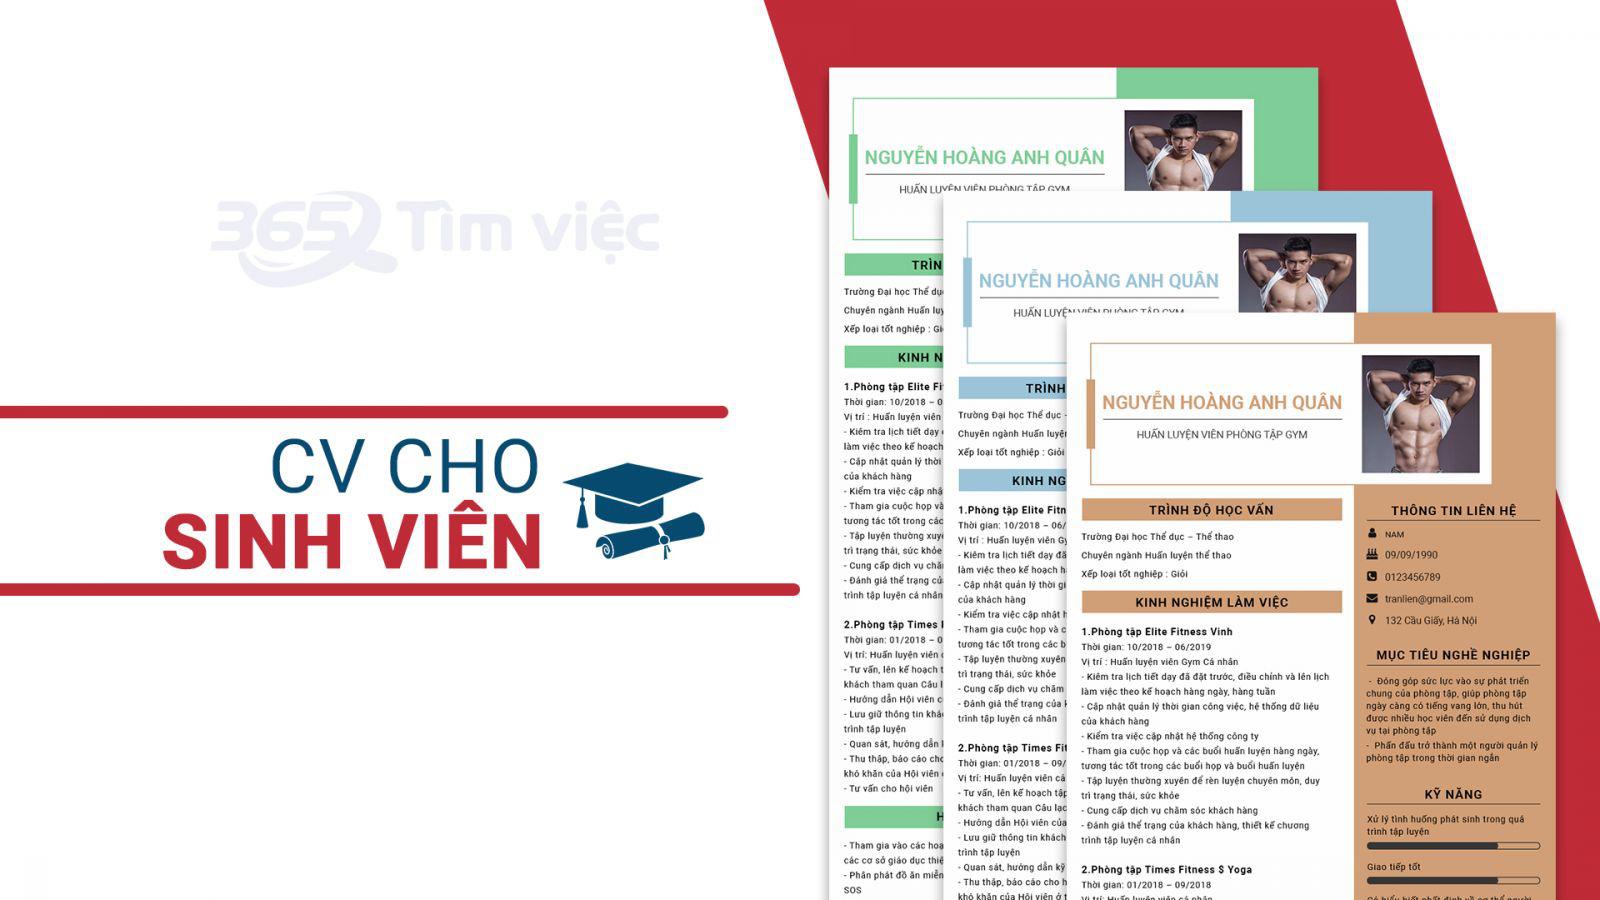 Hướng dẫn cách viết CV cho sinh viên thực tập - Ảnh 1.